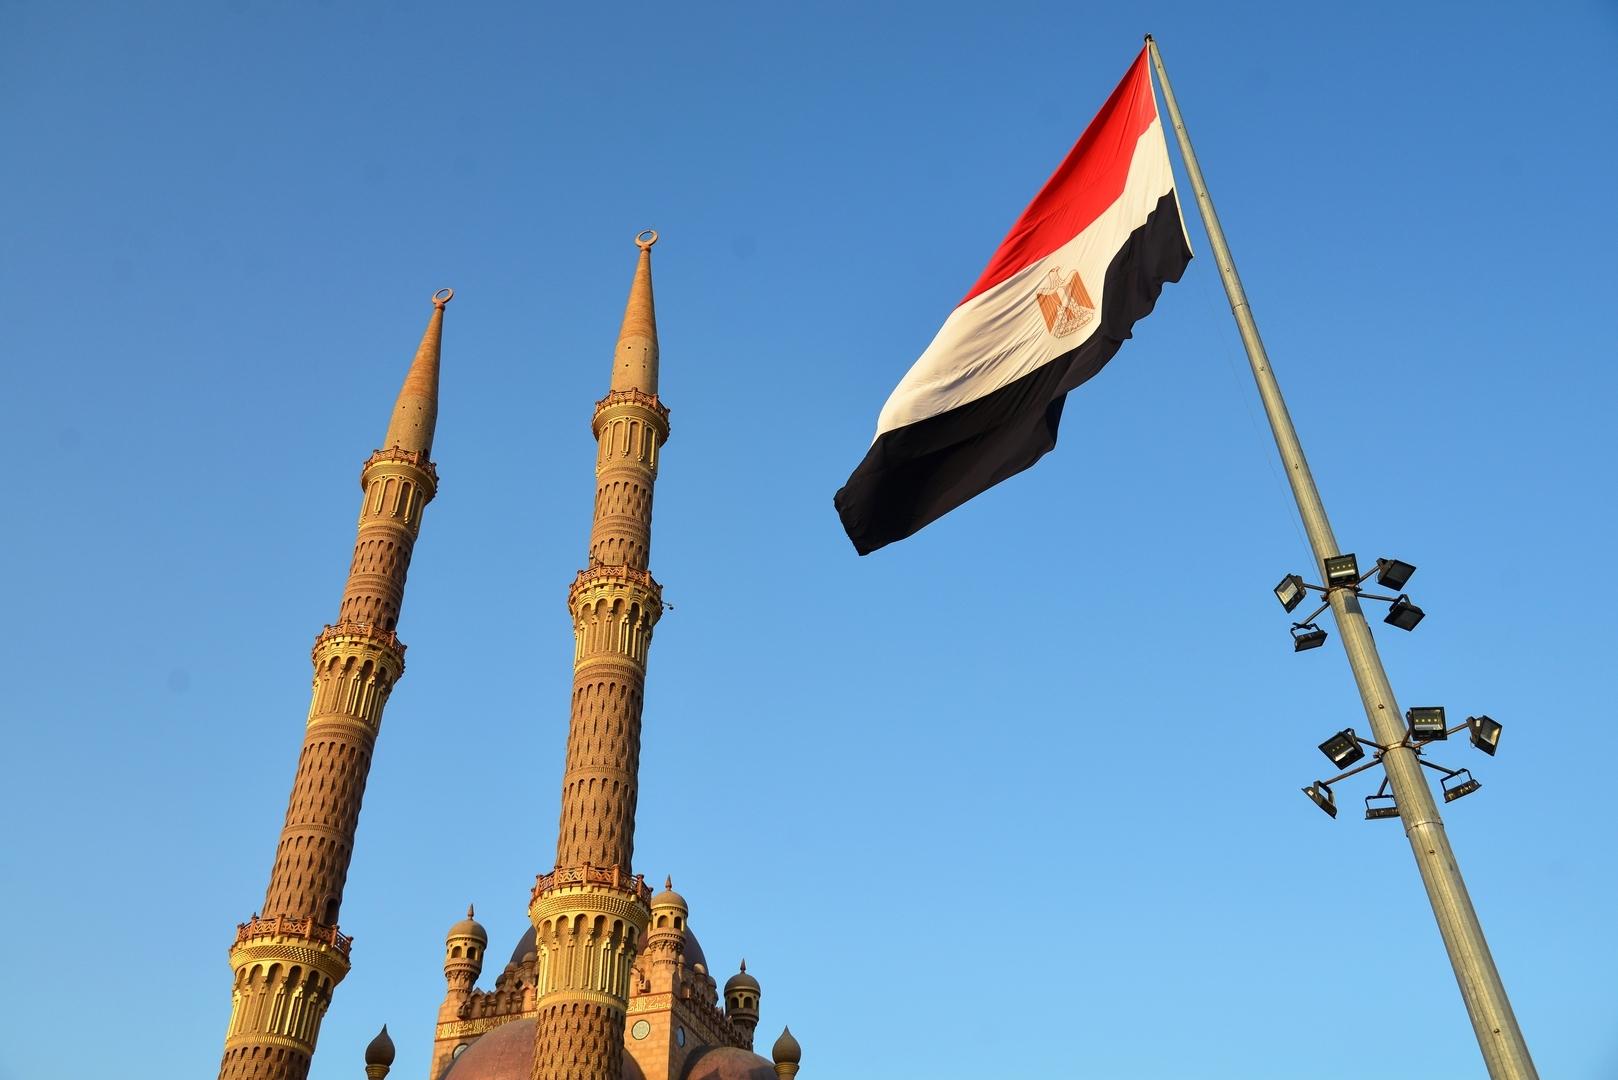 الحكومة المصرية: تحويل باب العزب لأول منطقة إبداع متكاملة في الشرق الأوسط وإفريقيا